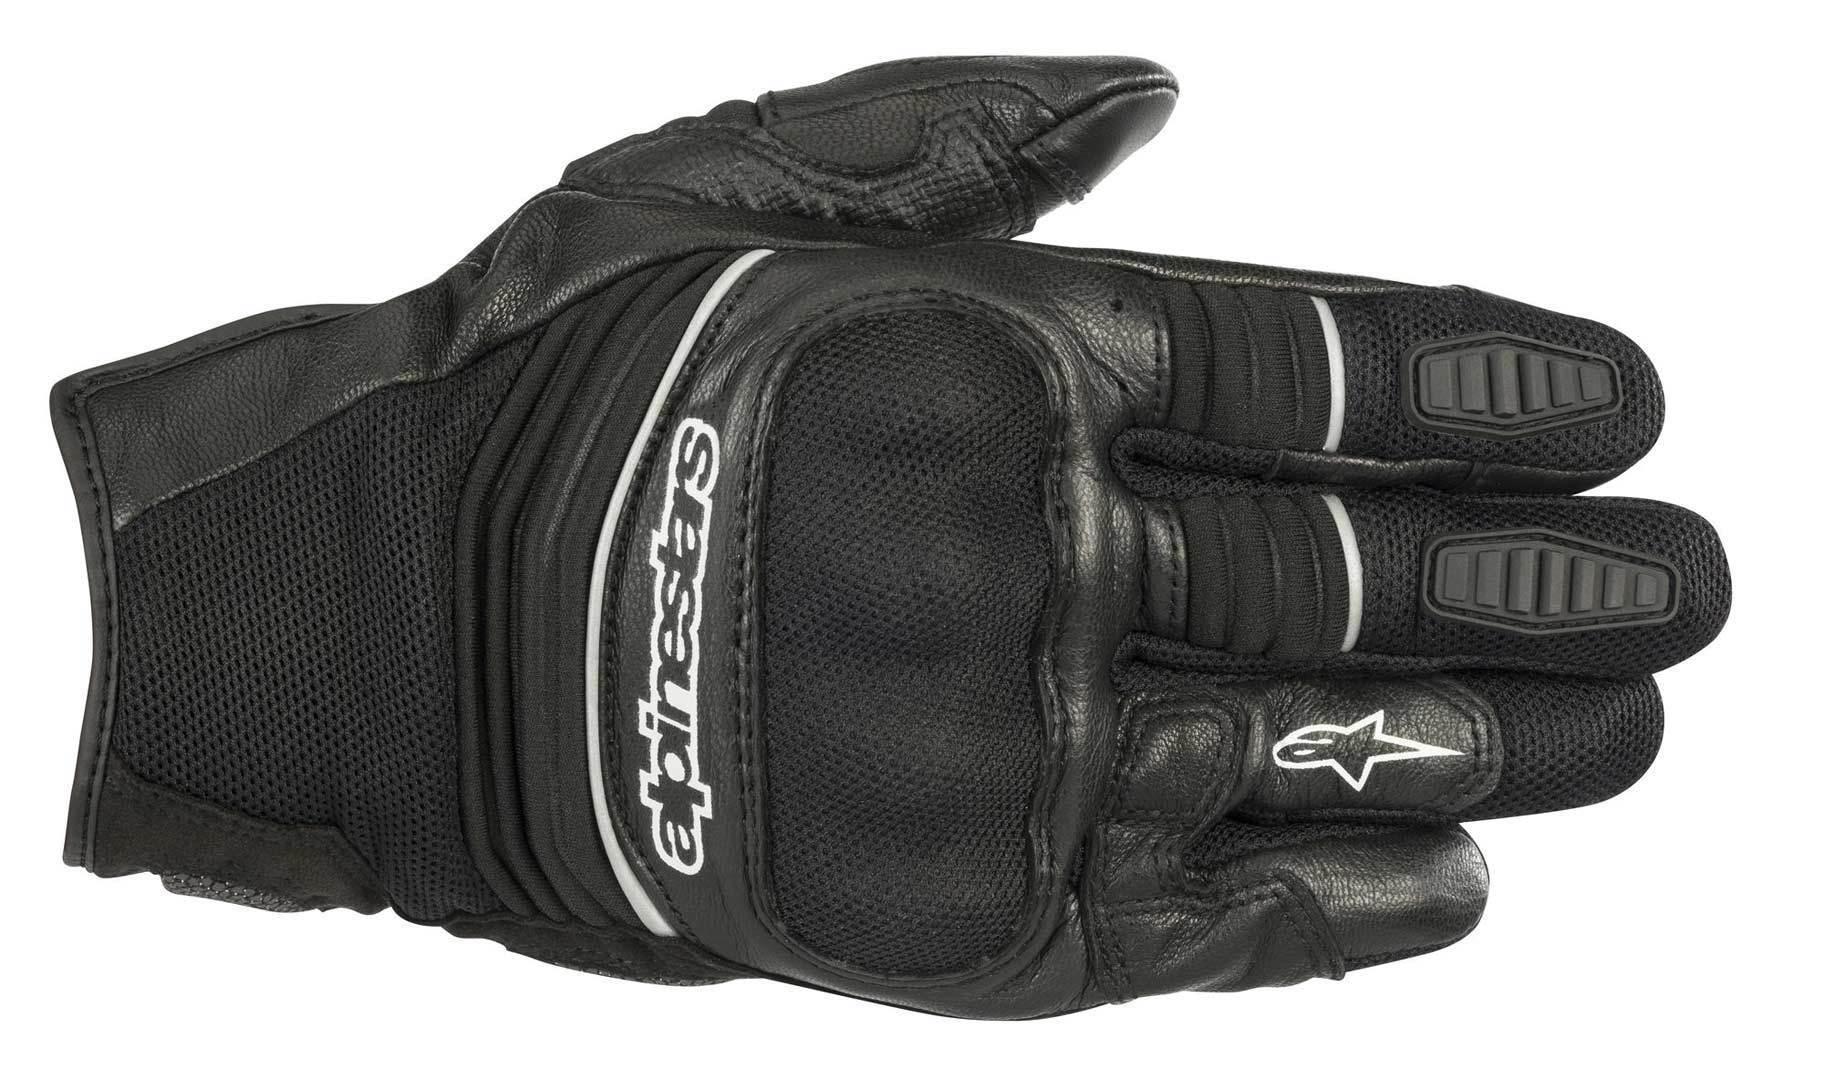 Alpinestars Crosser Motorrad Textil Handschuhe, schwarz, Größe L, schwarz, Größe L